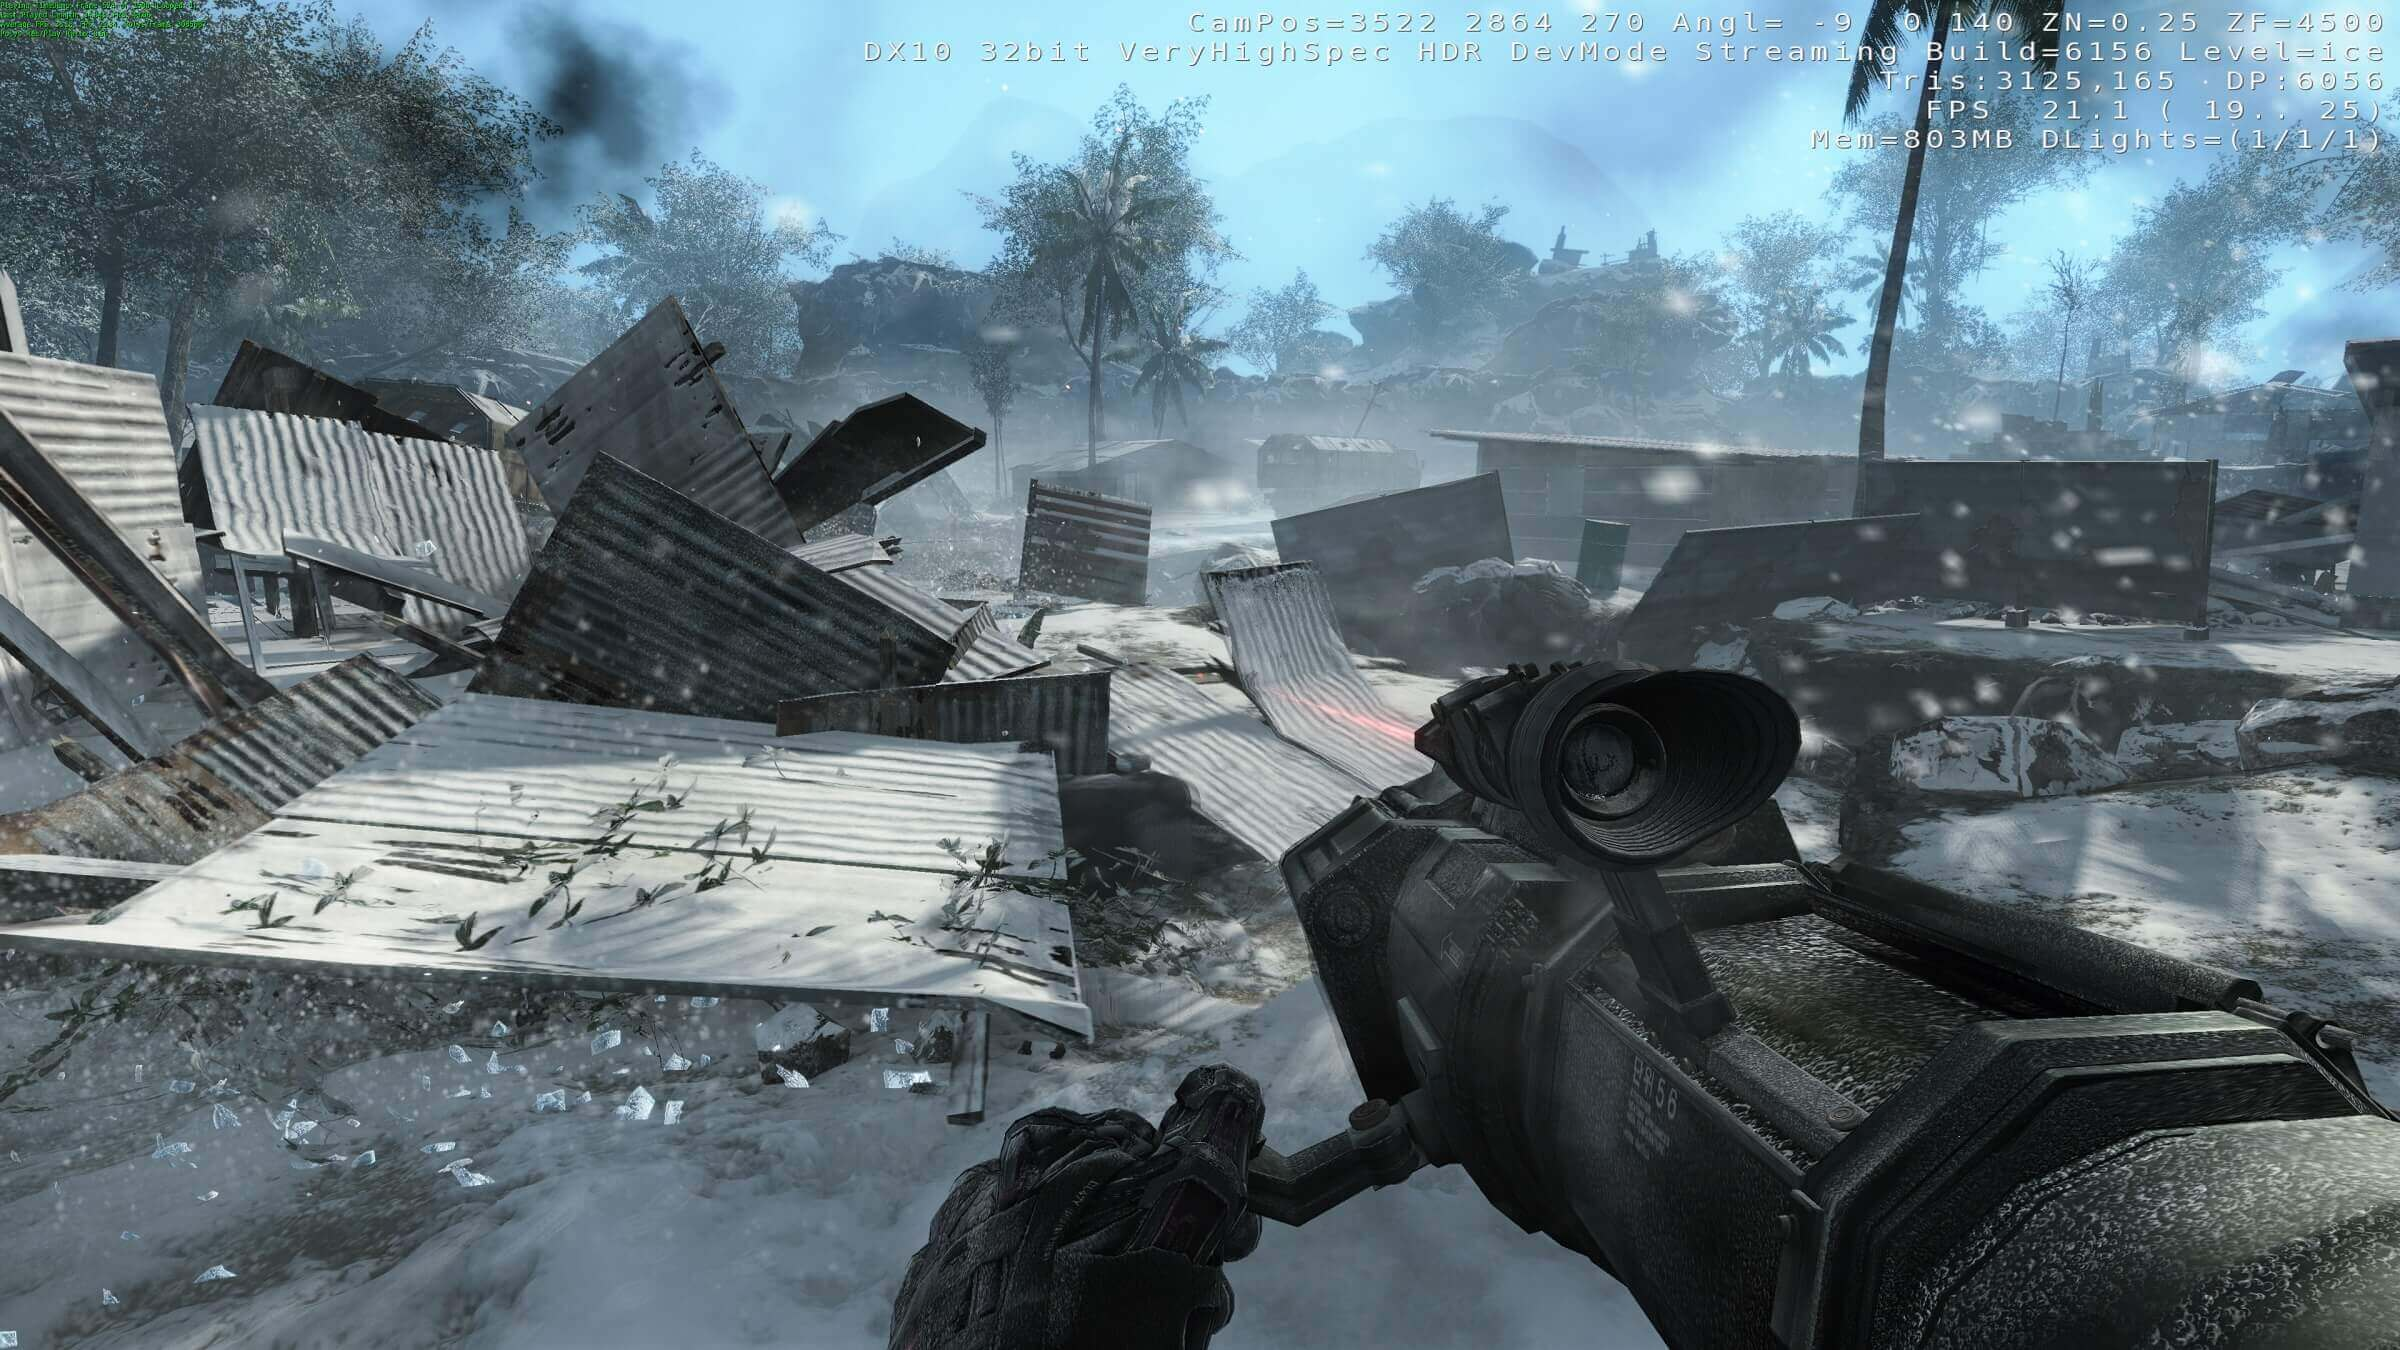 «А Crysis потянет?» Почему до сих пор обсуждают игру, выпущенную 13 лет назад - 24